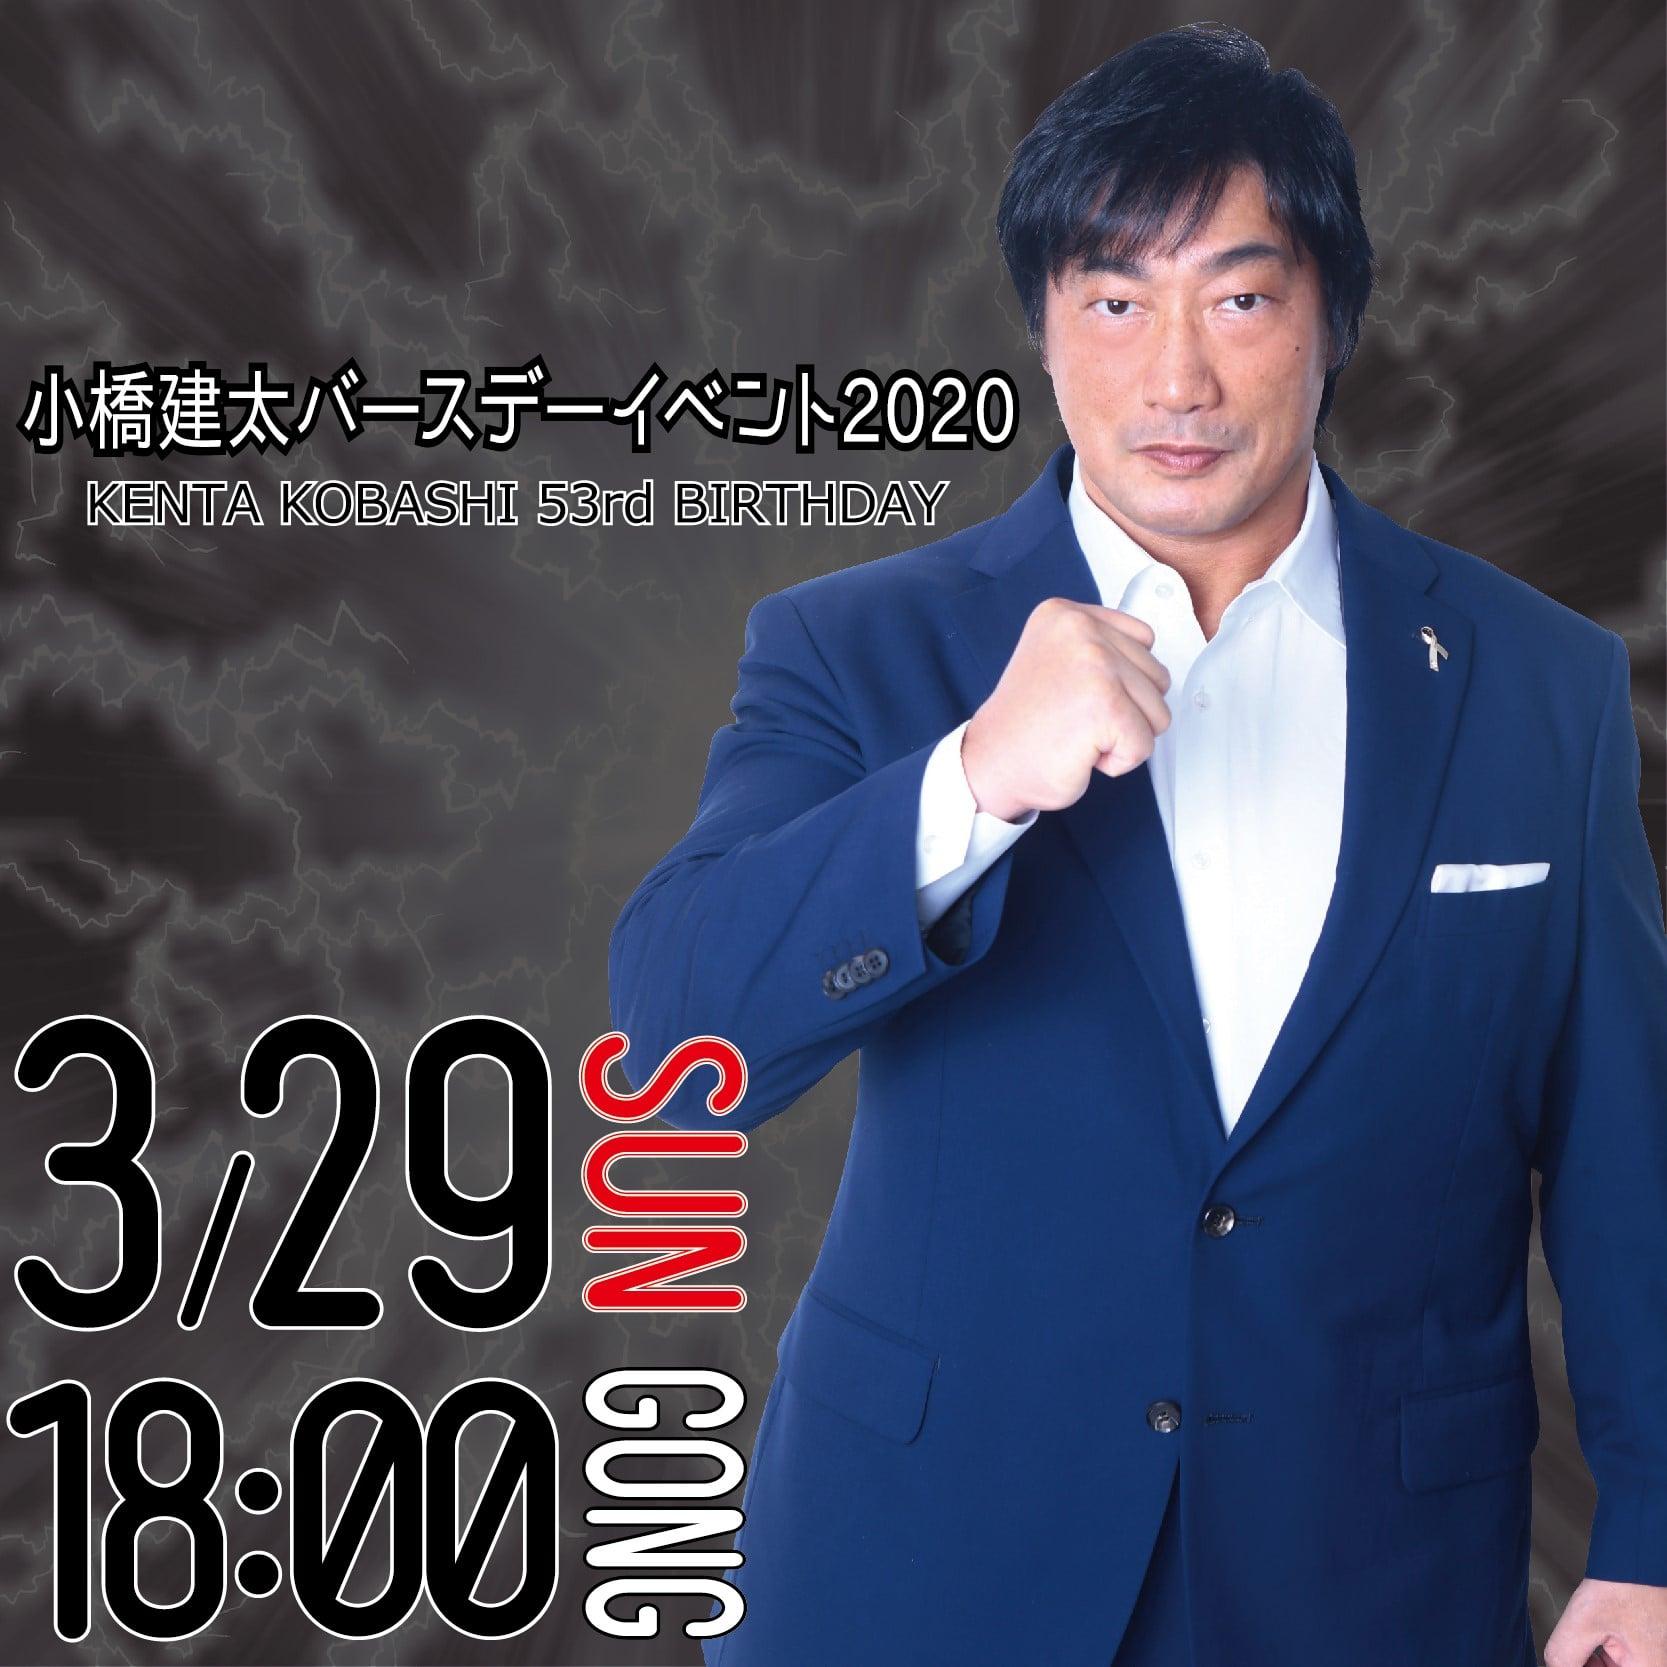 3月29日(日)18:00〜小橋建太バースデーイベント2020[大人チケット]のイメージその1